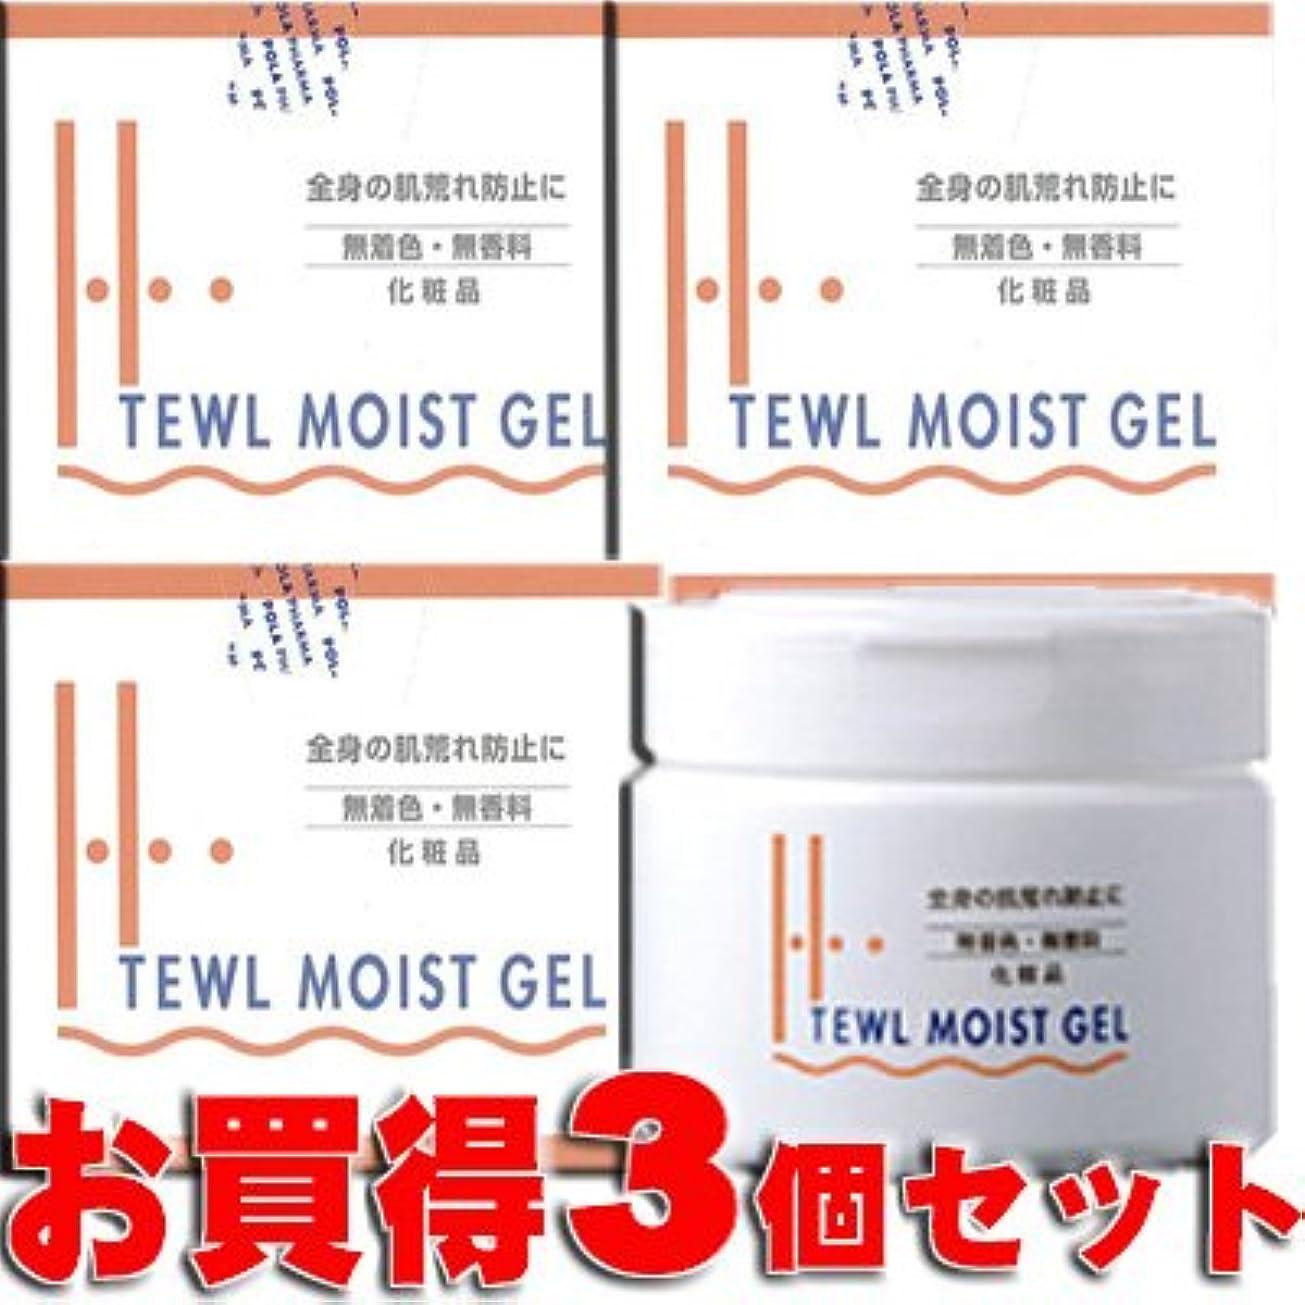 メンバー信仰担当者★お買得3個★ ハイテウル モイストジェル 300gx3個 (ポーラファルマ)エタノールや界面活性剤に敏感な方へおすすめするゲルクリームです。